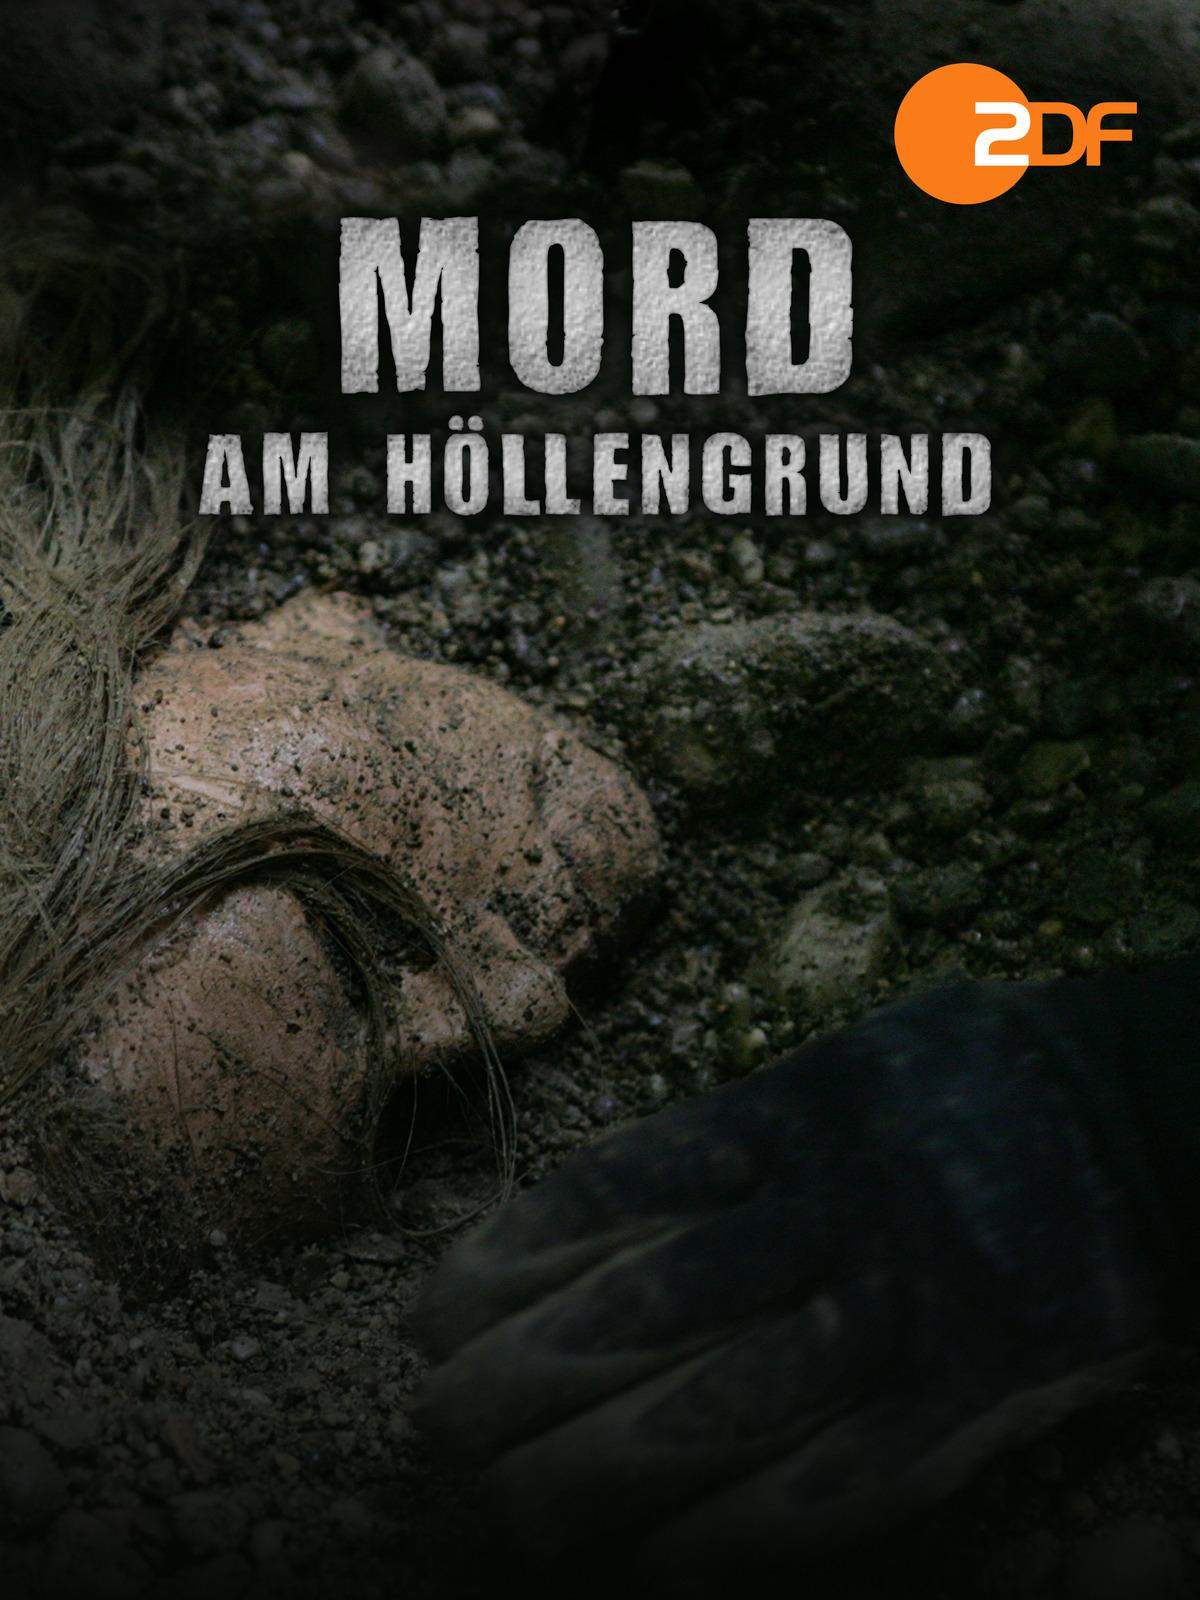 Mord am Höllengrund